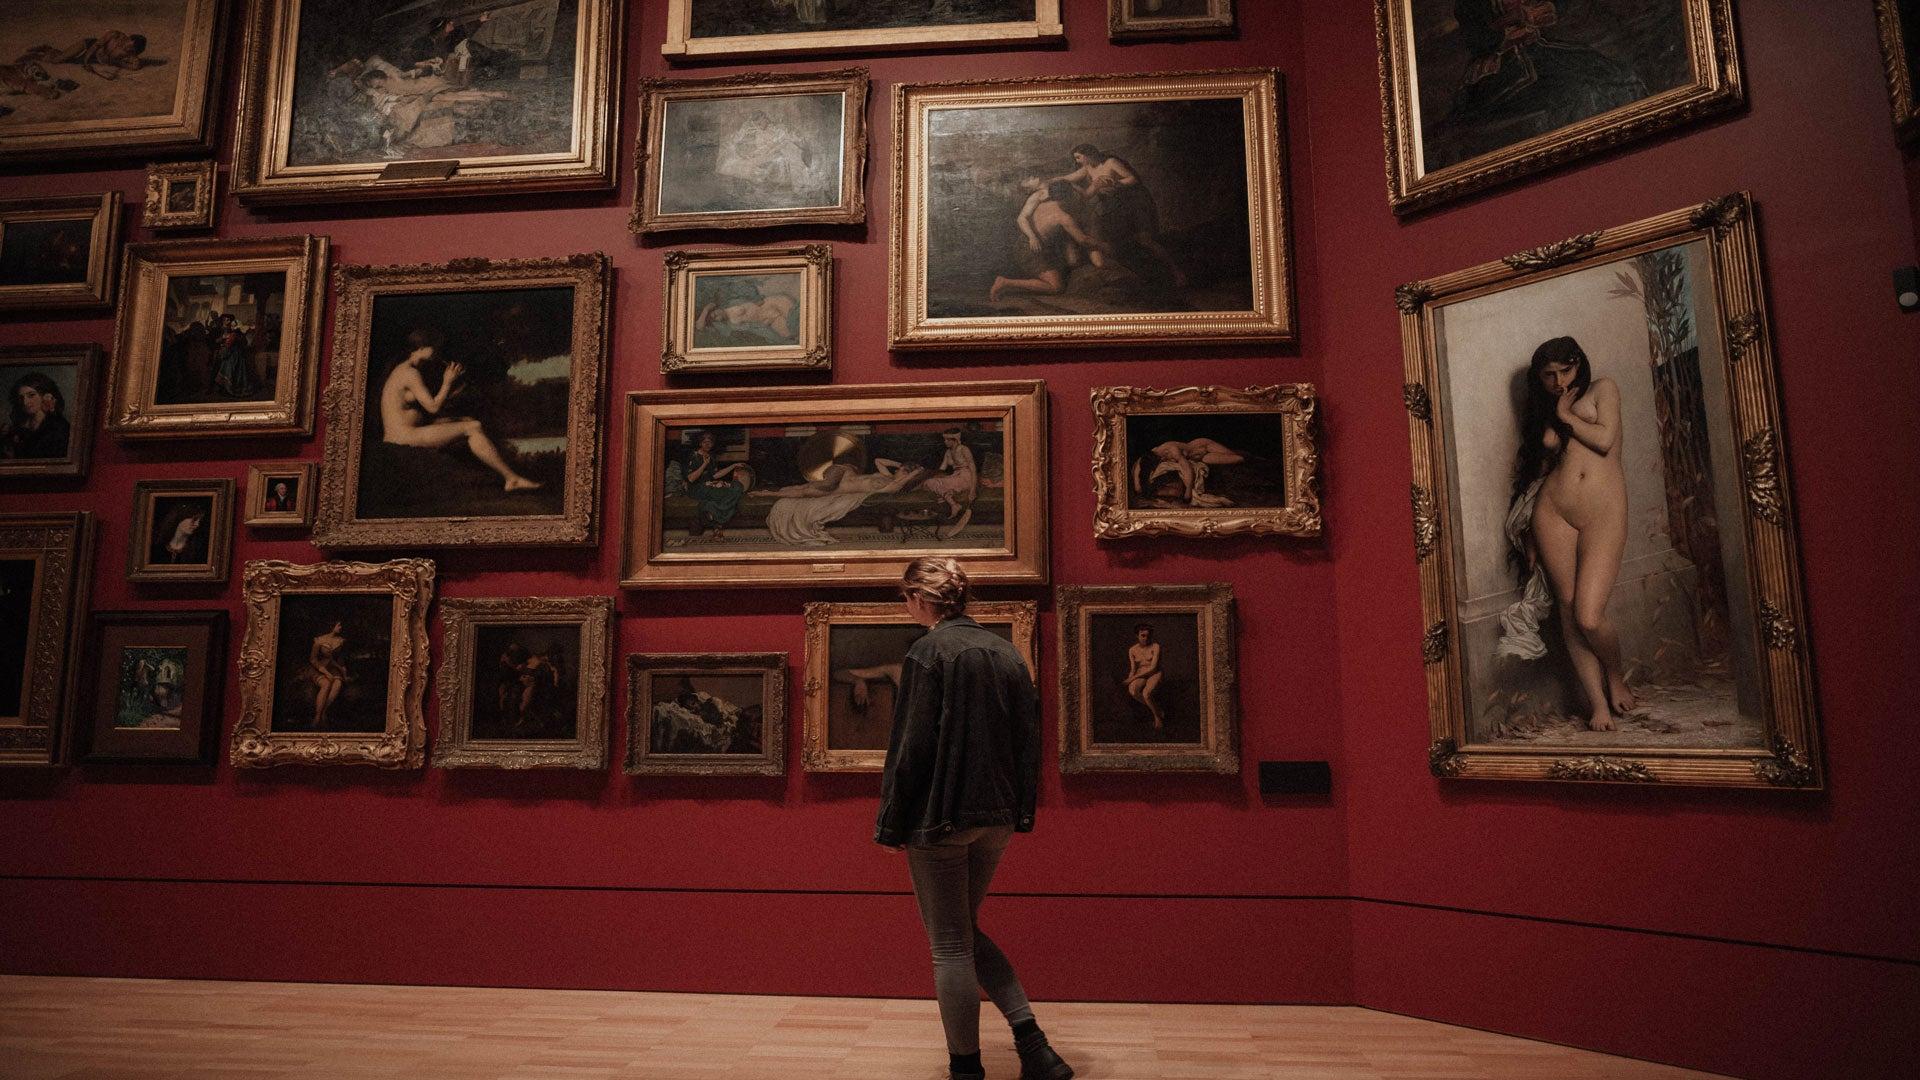 Le meilleur musée du monde en 2018 est Français (et ce n'est pas le Louvre)